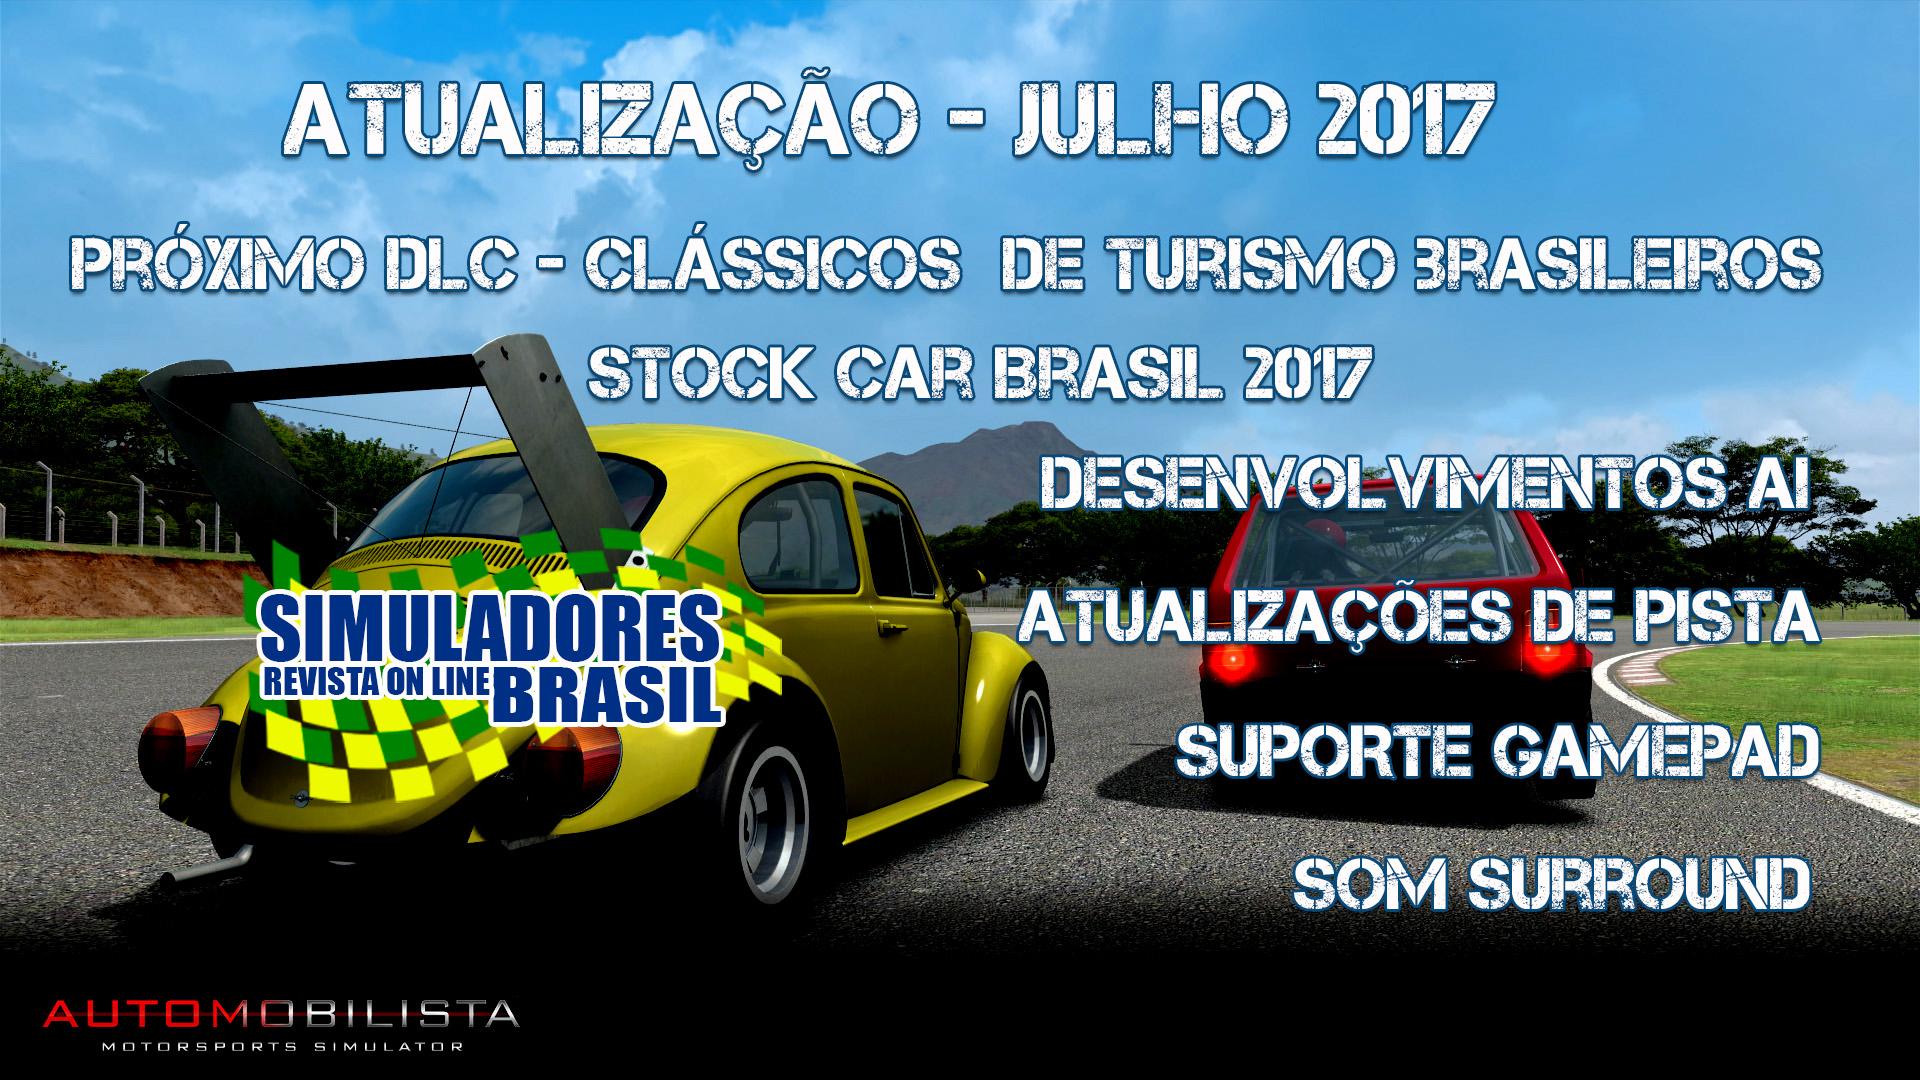 Atualização do Automobilista – Julho de 2017